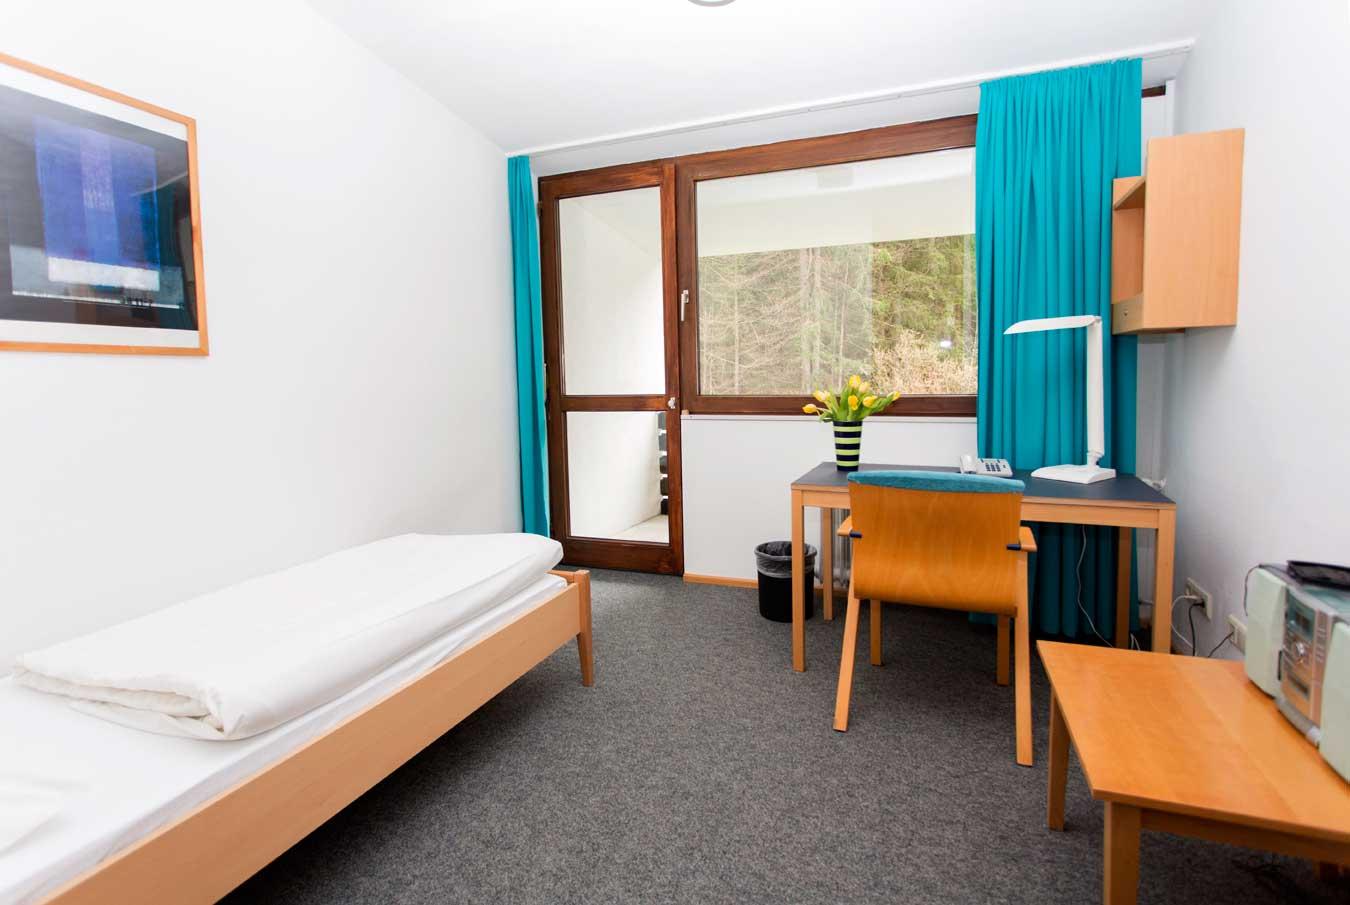 Einzelzimmer im Gästehaus B